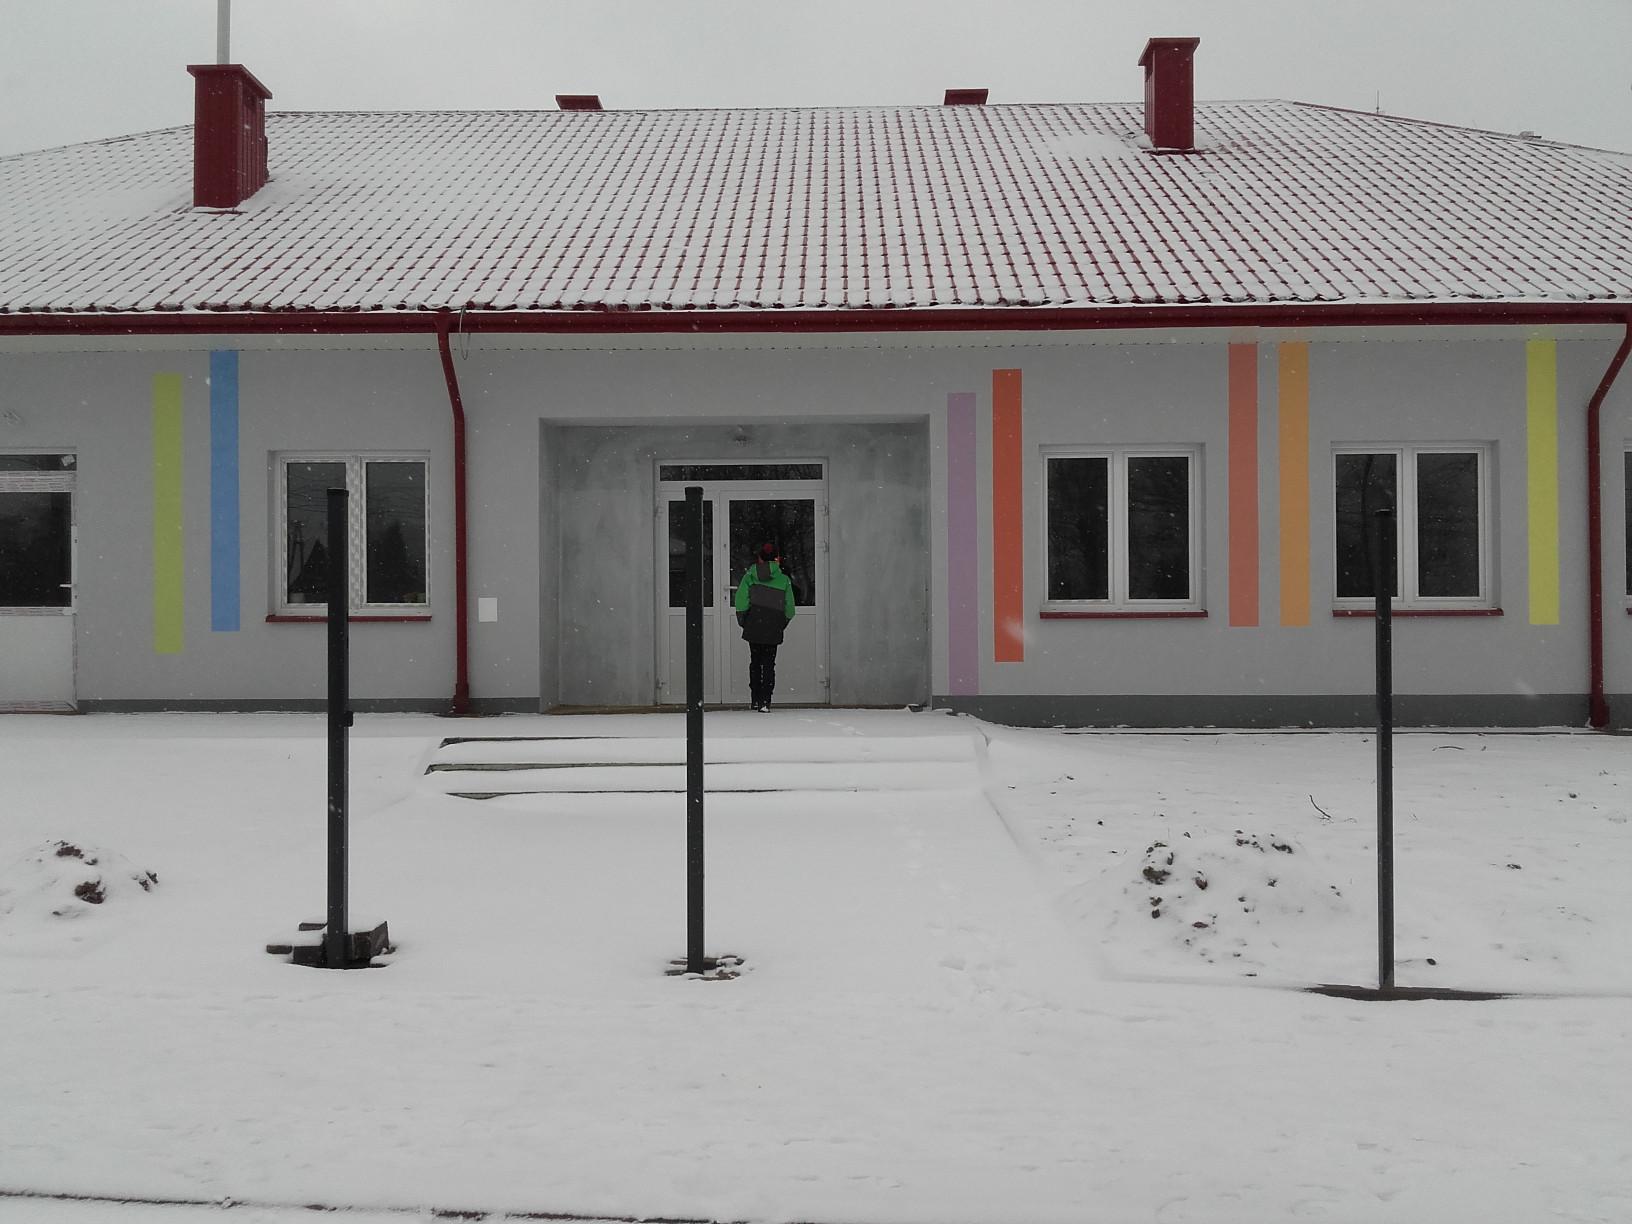 """Gmina Dzikowiec. Klub dziecięcy w Lipnicy będzie nosił nazwę """"Magiczny zakątek"""". Sprawdź, kiedy zostanie otworzony   - Zdjęcie główne"""